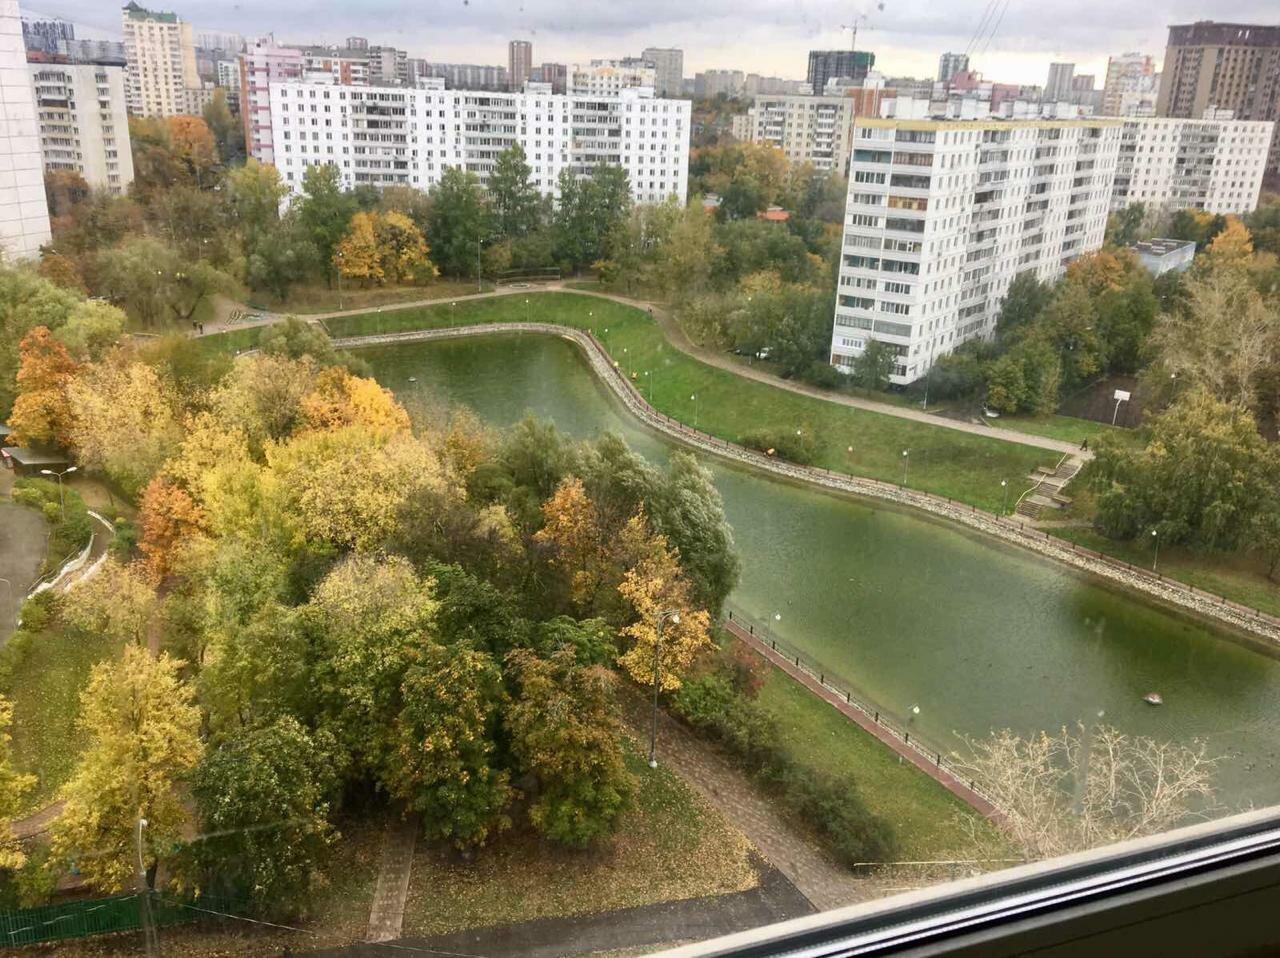 На севере Москвы у Дегунинского пруда появятся памп-трек и игровые площадки